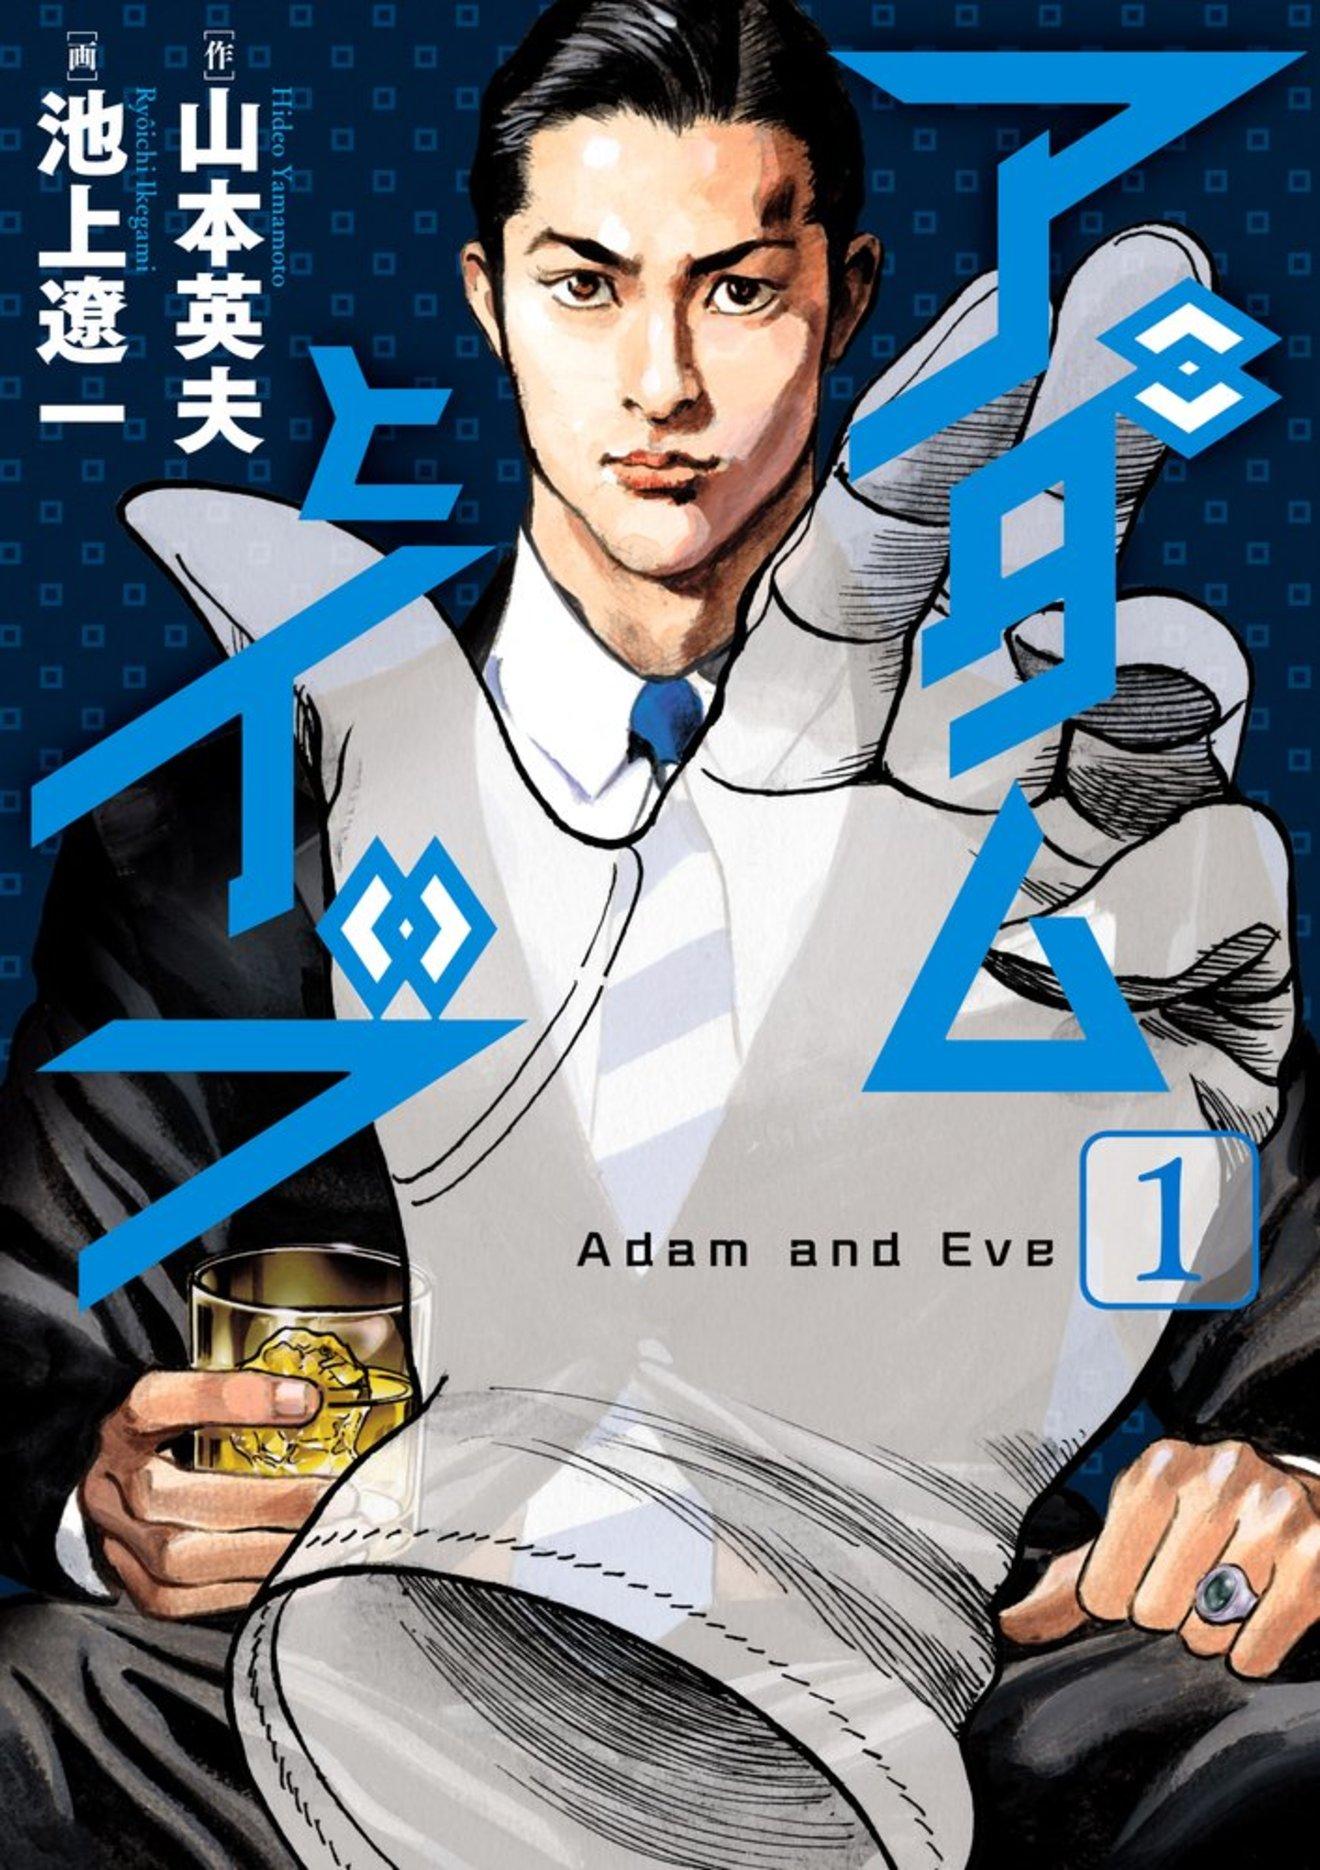 漫画『アダムとイブ』のヤ○ザVS透明人間の戦いをネタバレ考察!